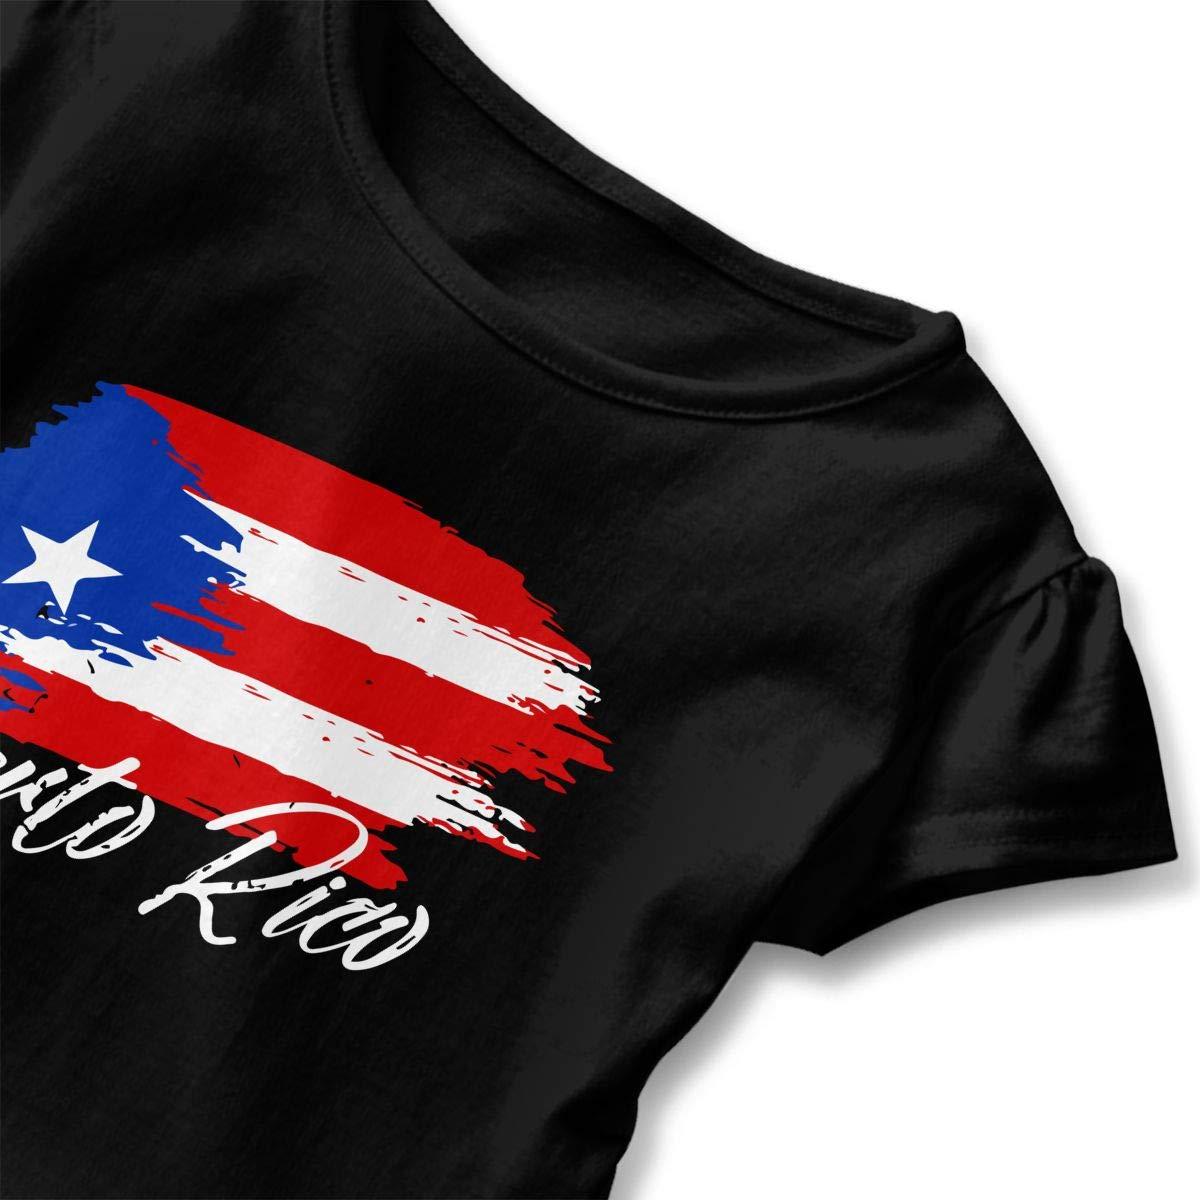 Puerto Rican Flag Grunge Design Kids Girls Short Sleeve T Shirts Ruffles Shirt T-Shirt for 2-6T